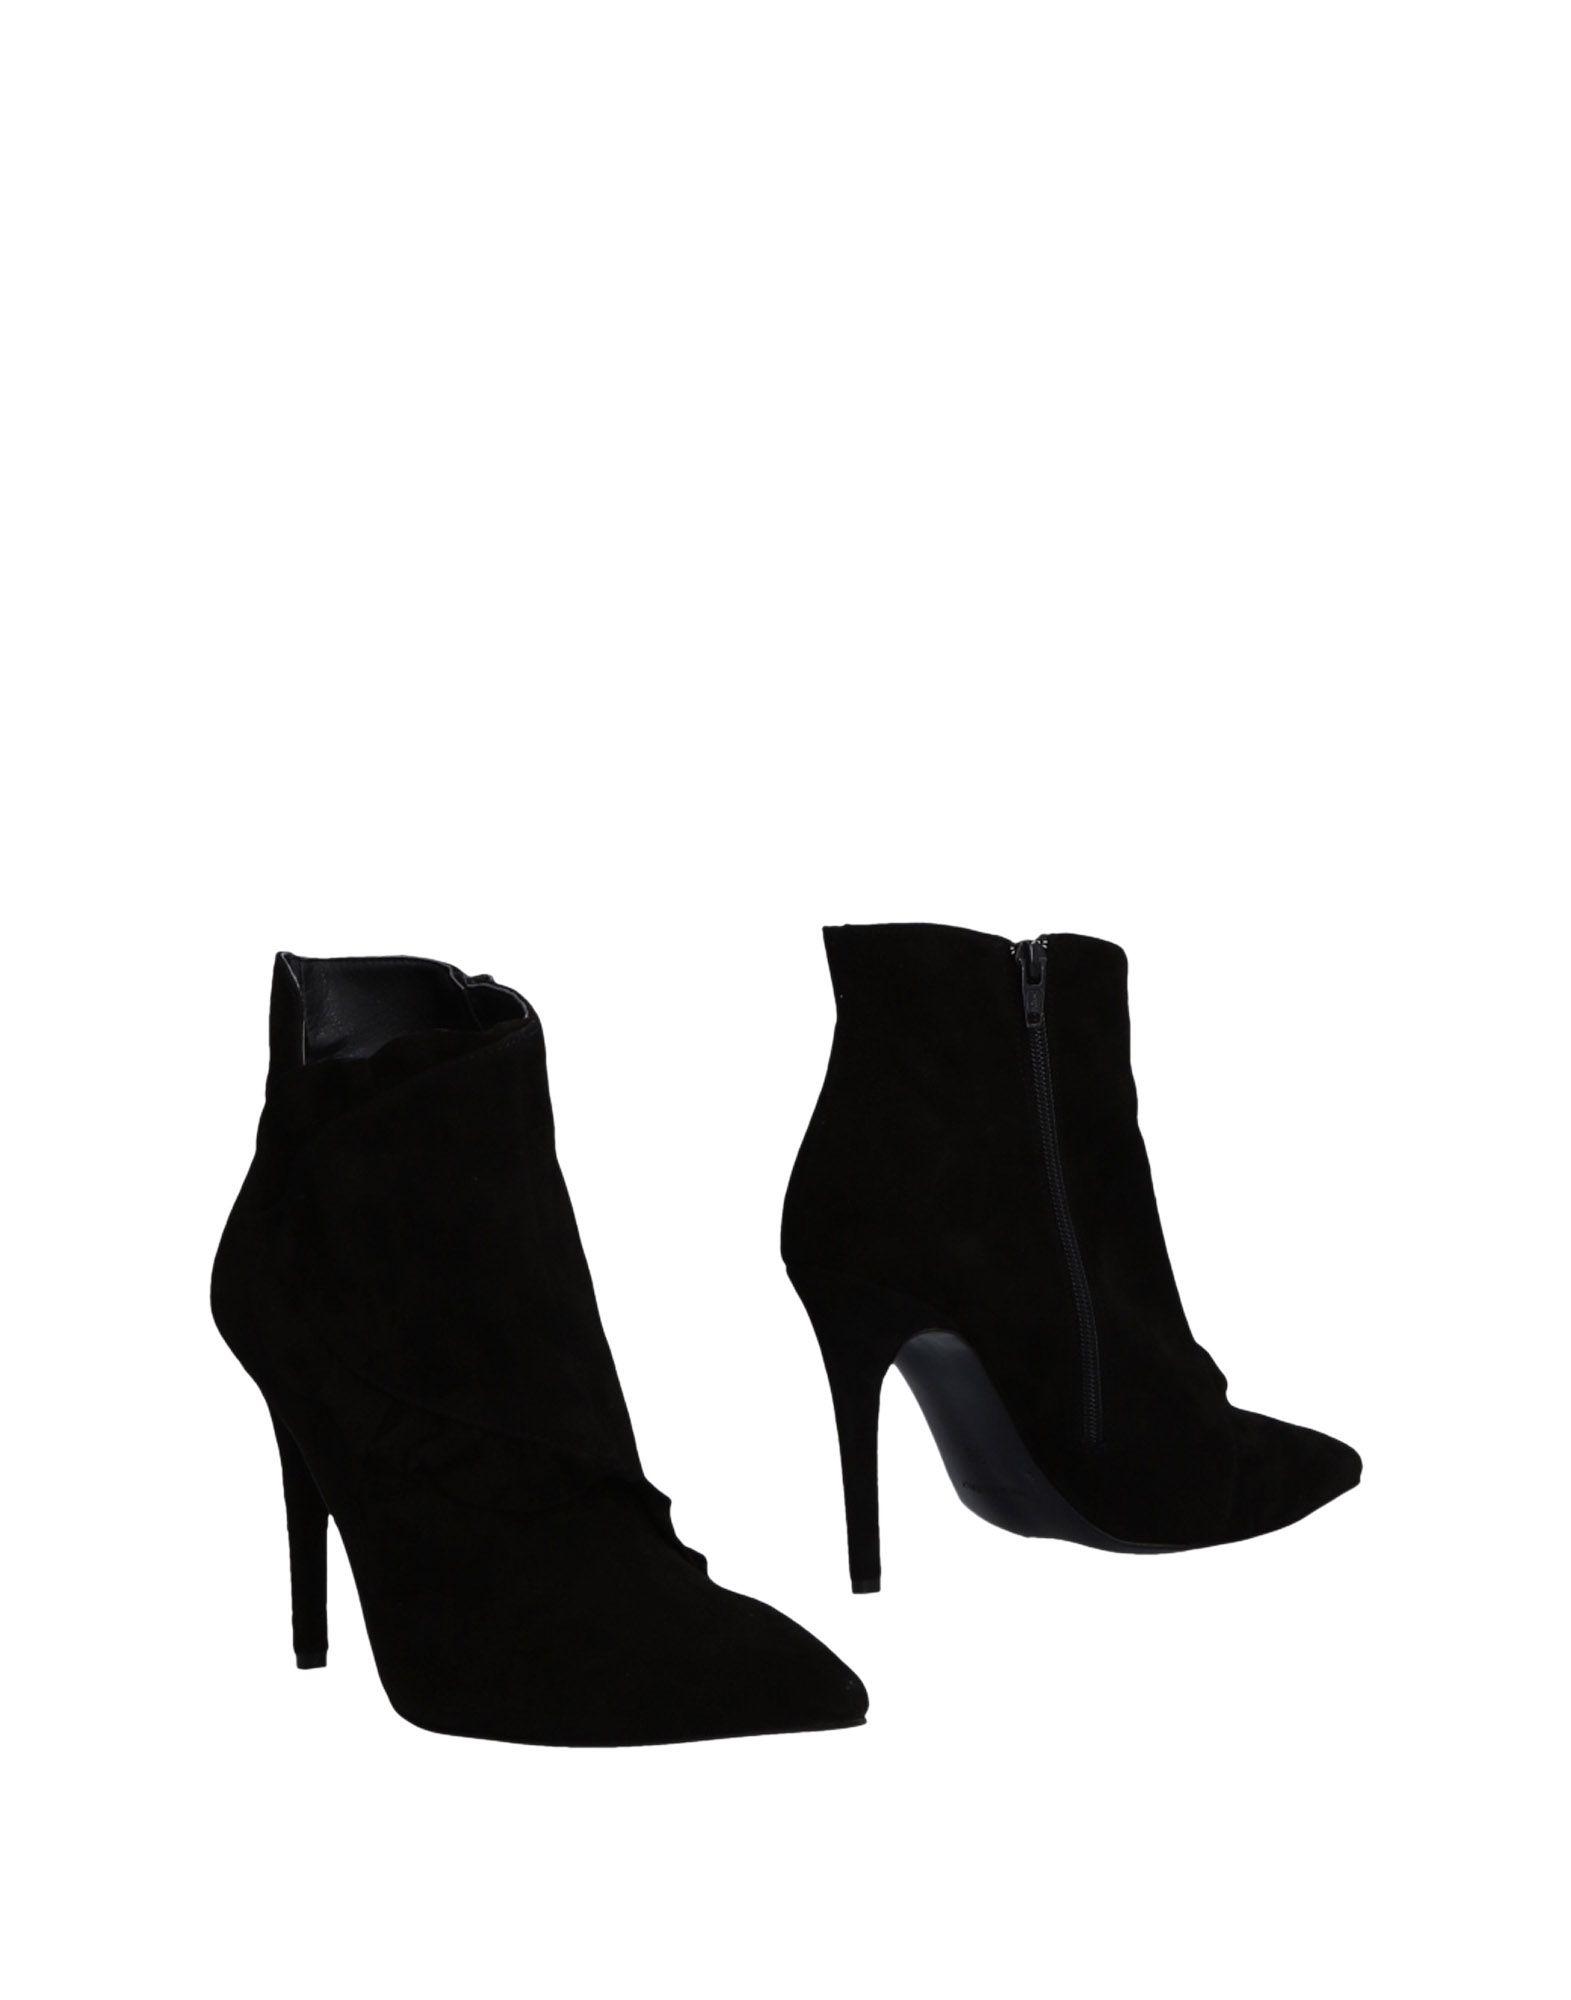 Formentini Stiefelette Damen  11479068HV Gute Qualität beliebte Schuhe